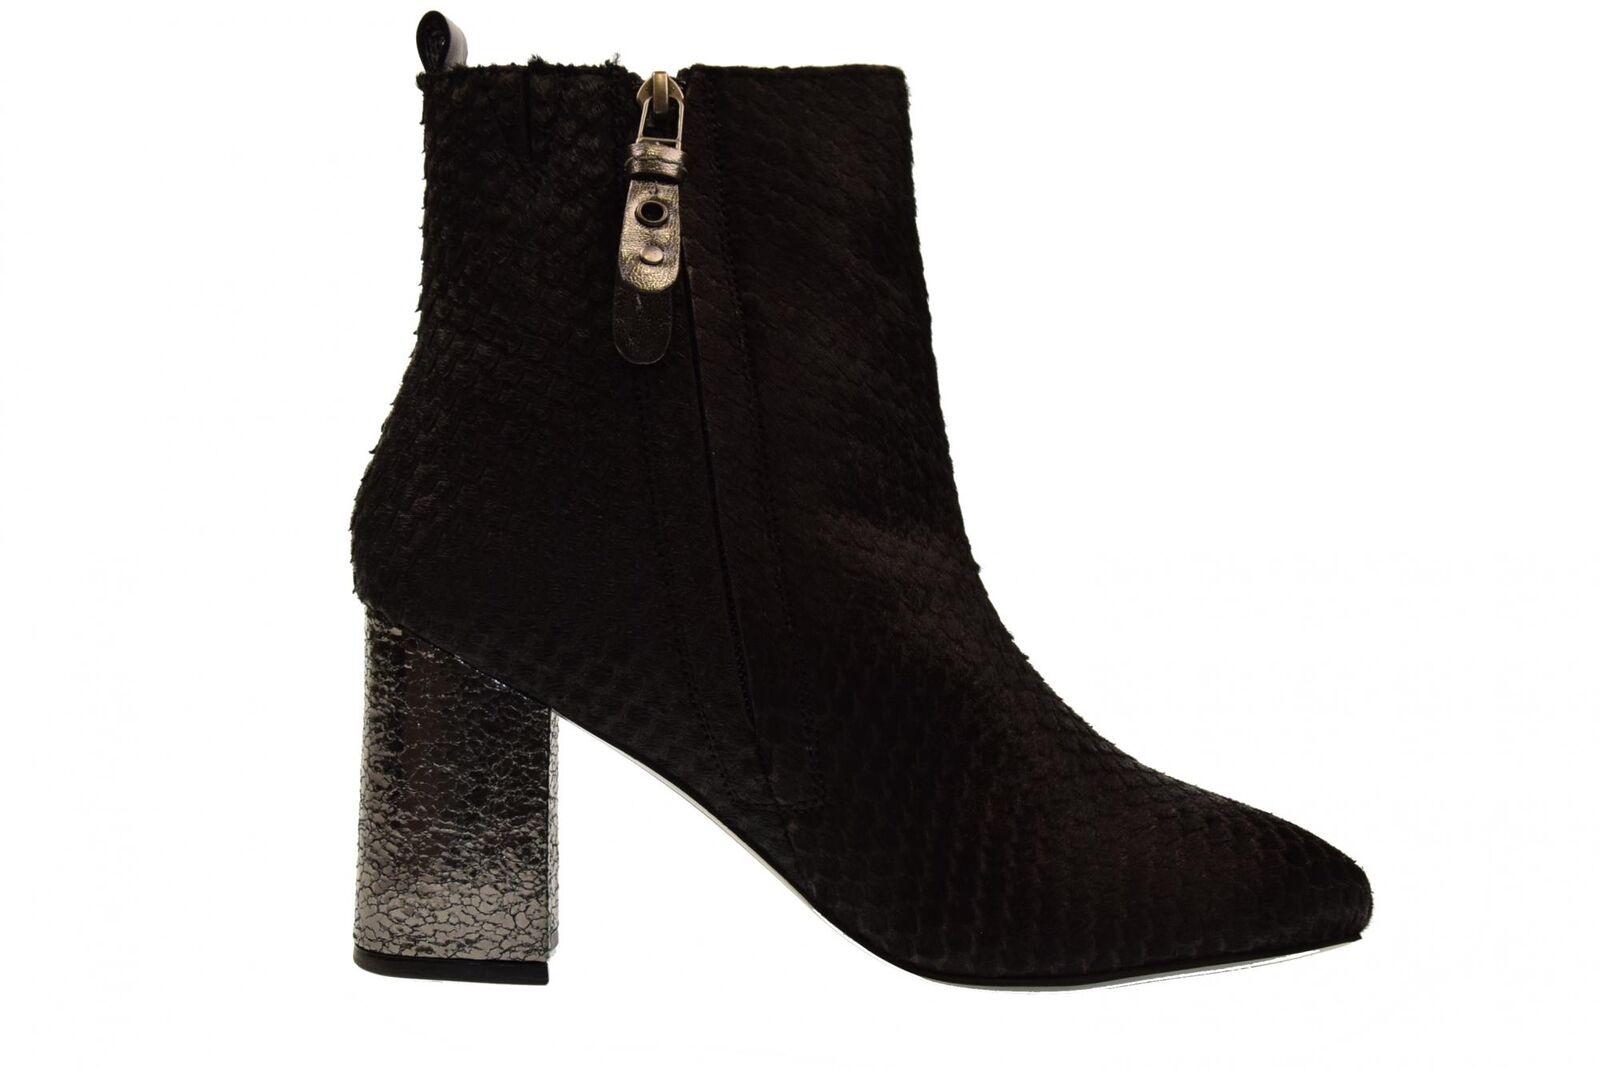 Gioseppo A18g mittlere Schuhe Frau Stiefeletten 46237 mittlere A18g Ferse Reißverschluss 4d47b6